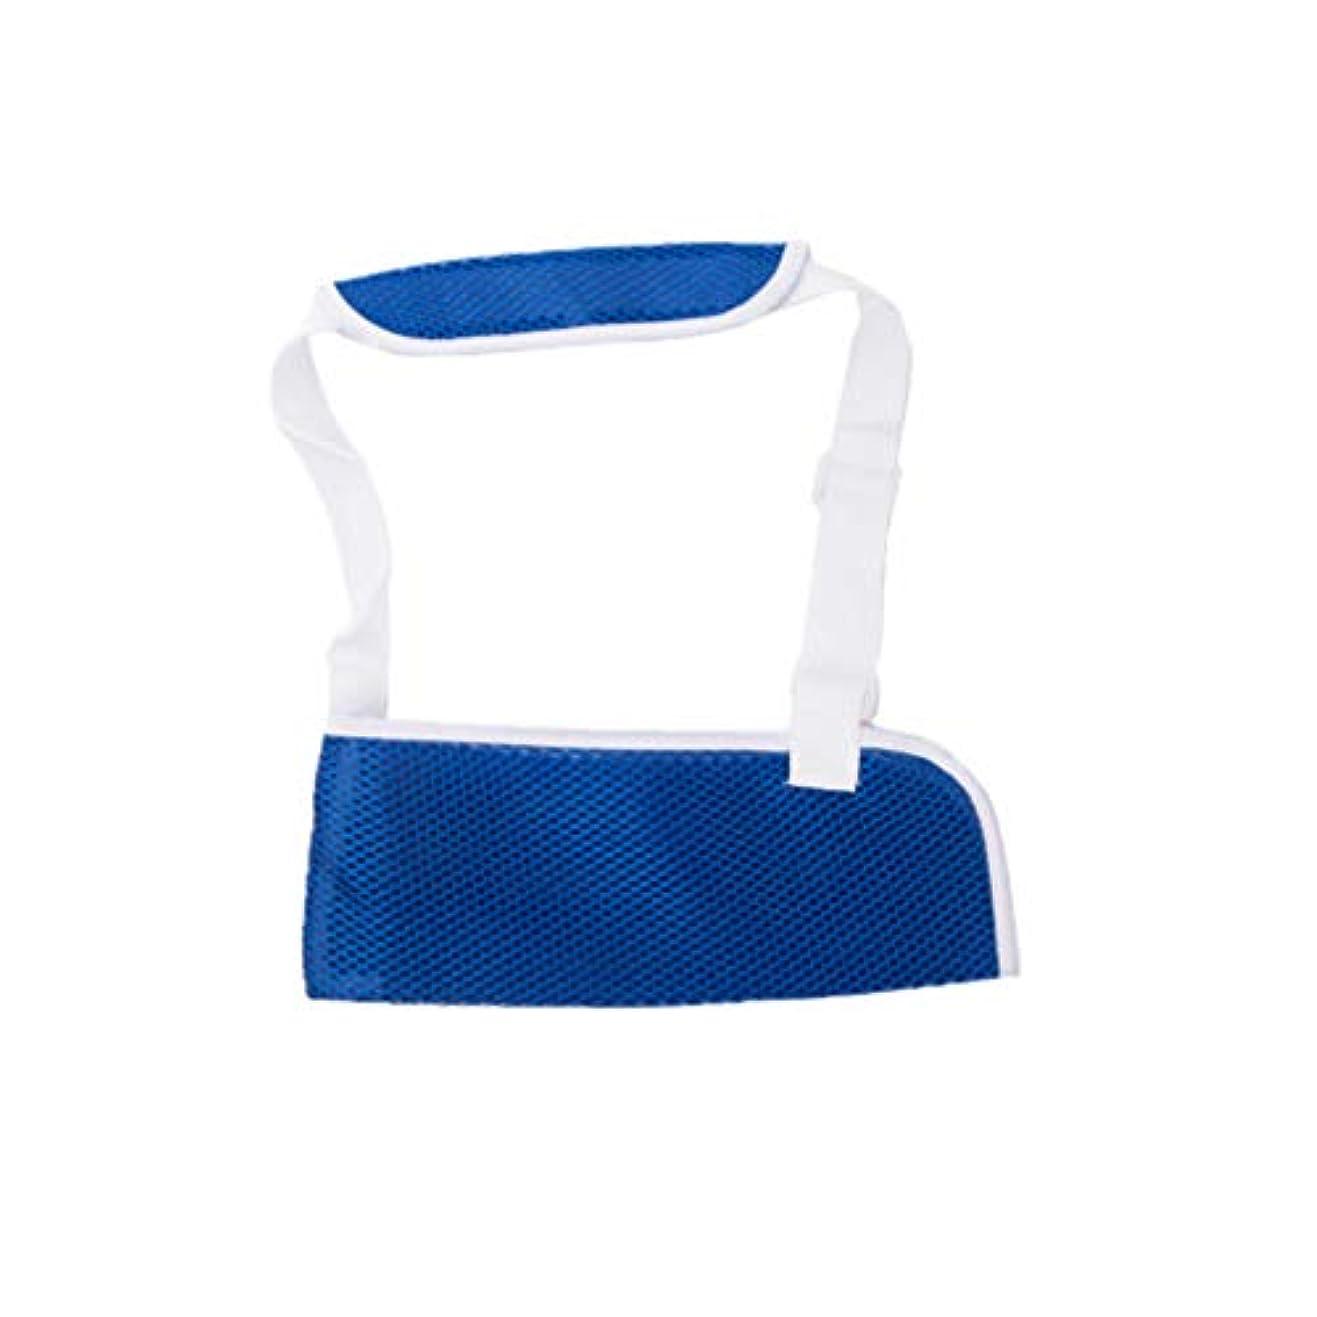 責めるいわゆる長々とHealifty アームスリング通気性アームサポートブレースショルダーストラップ骨折した腕用(サイズs)